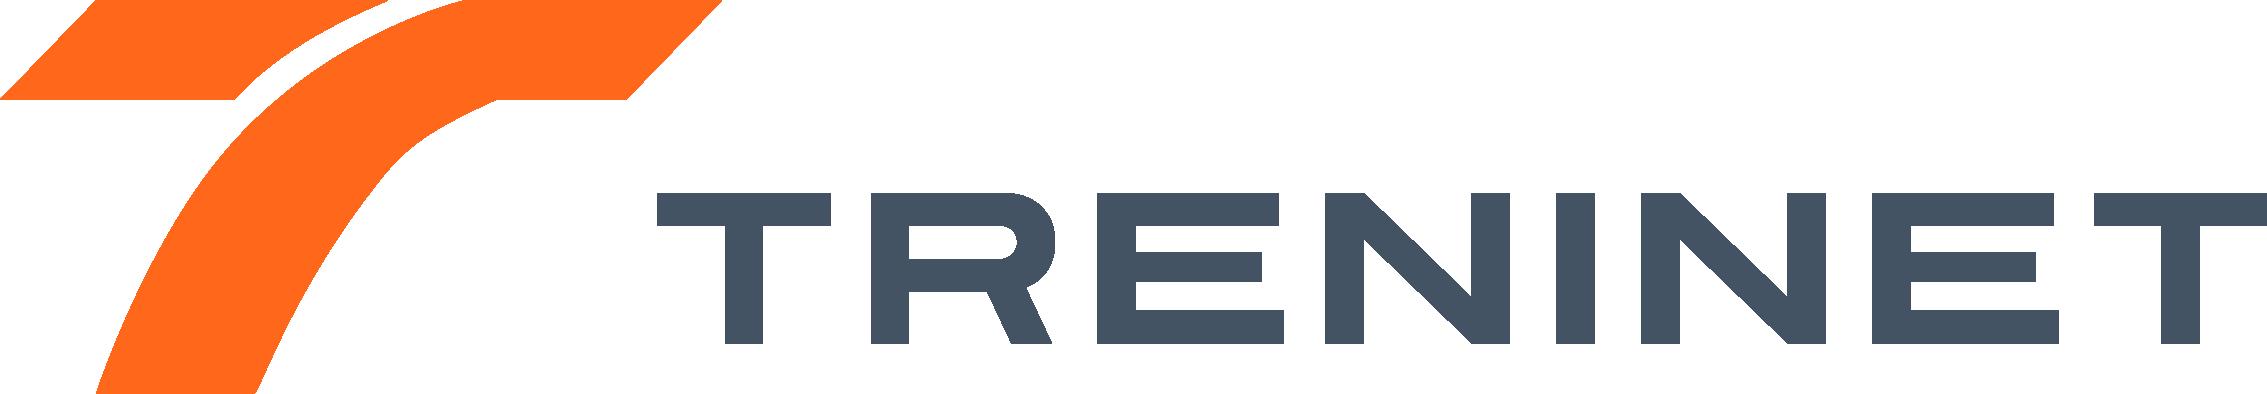 logo treninet 2021